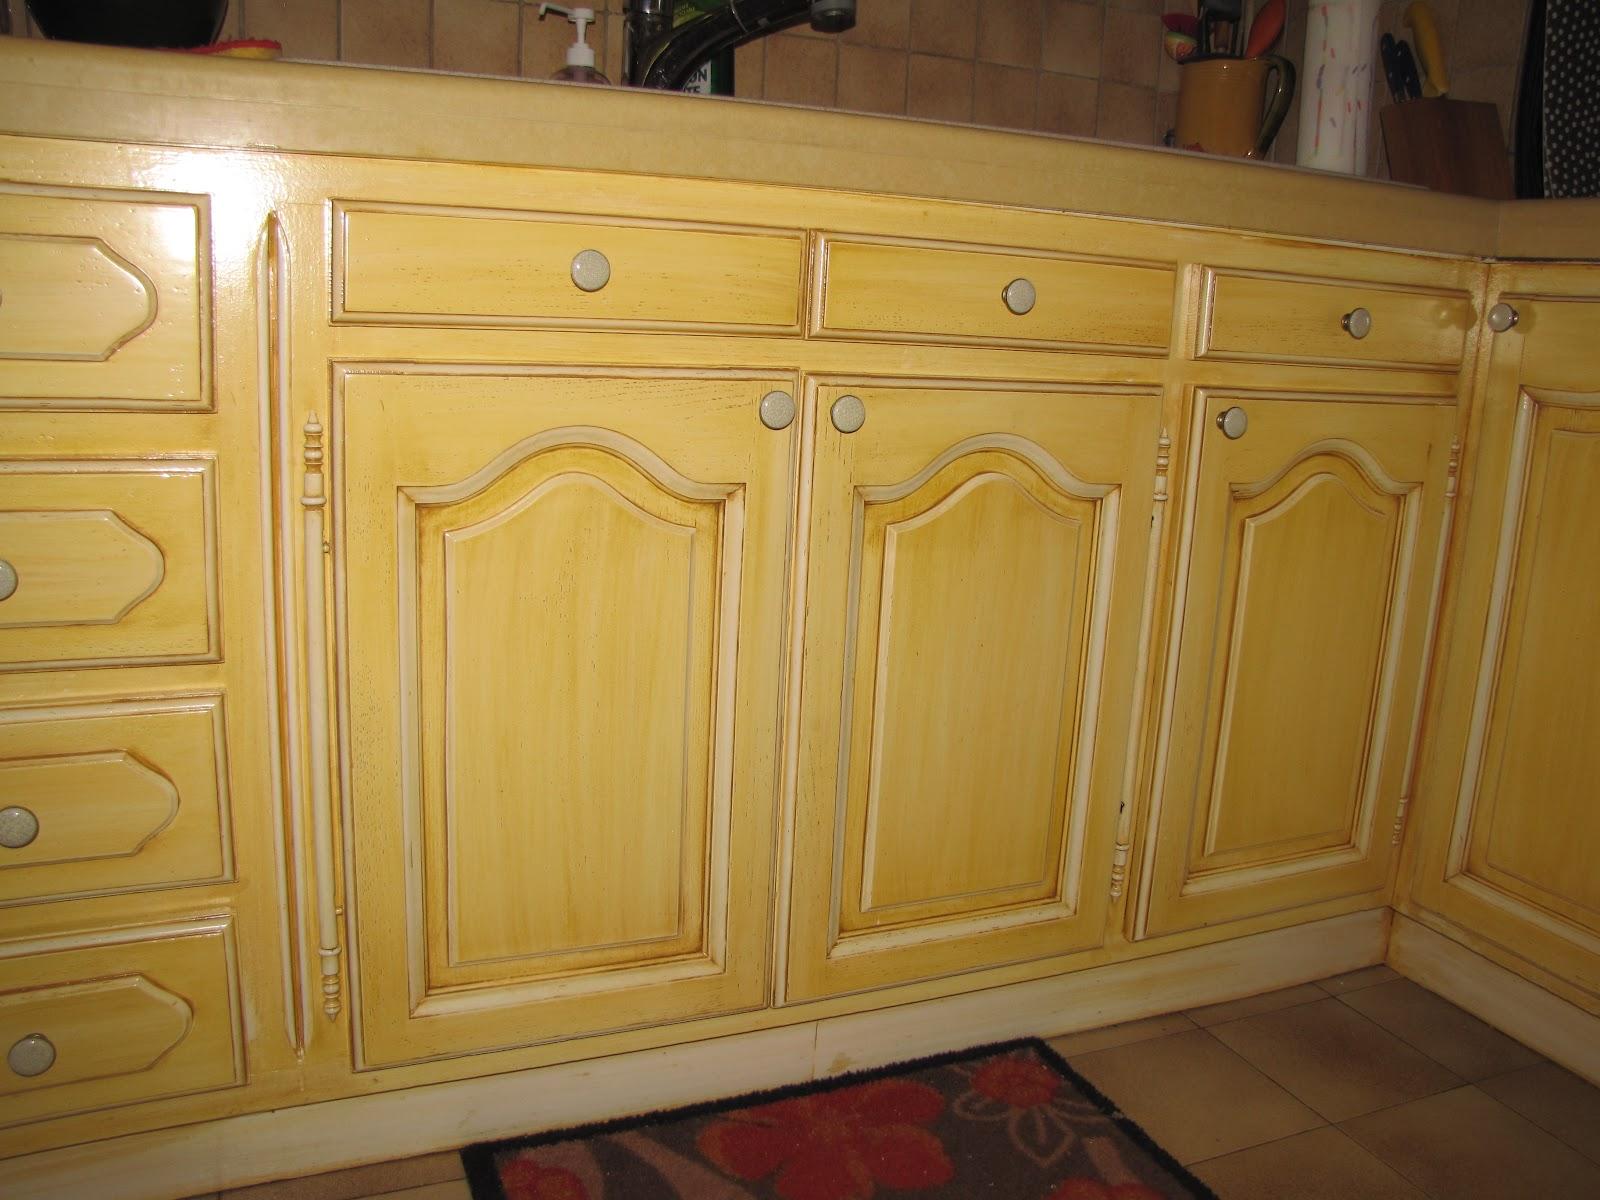 Peinture d corative artisanale didier roussel patine a l for Peinture element cuisine